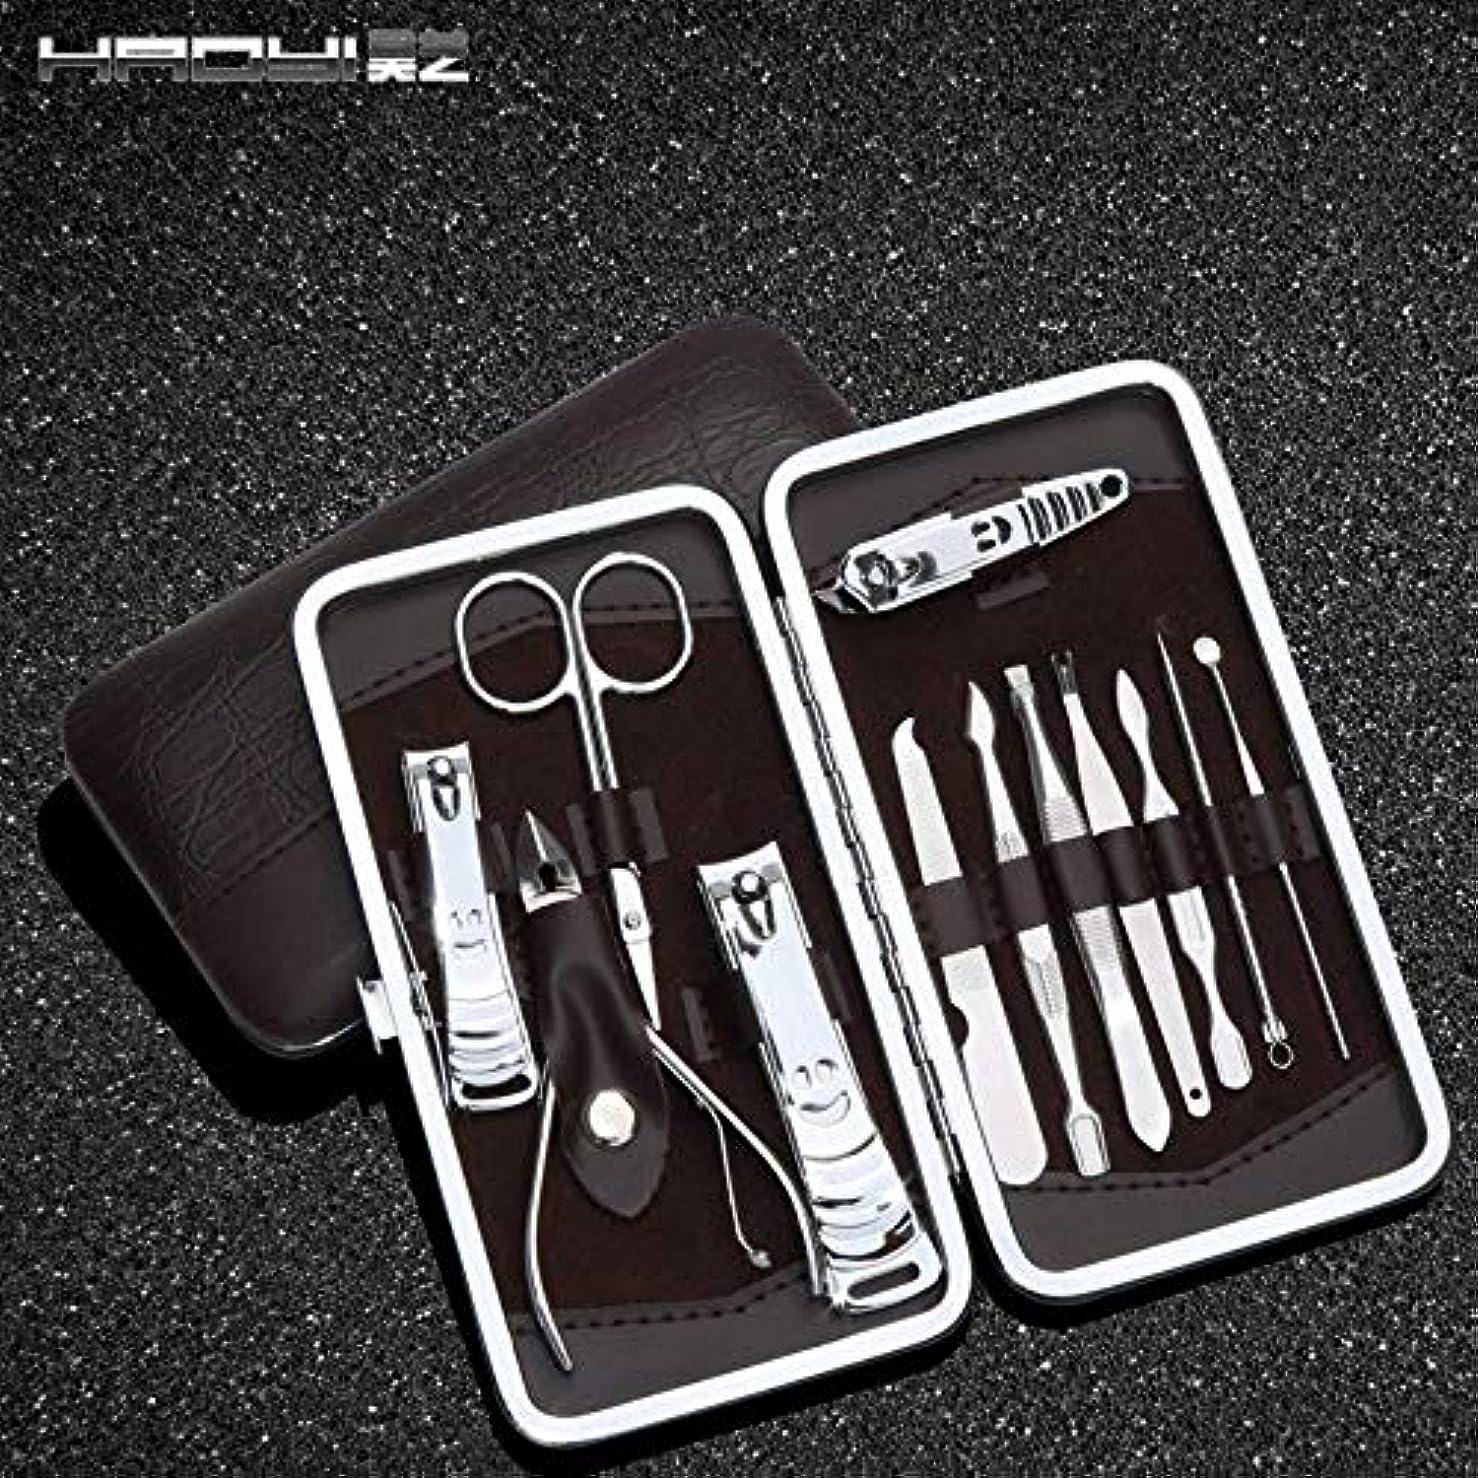 ロシア素晴らしさチャーター爪切りセット12ステンレス鋼爪切りセット美容マニキュアツール爪切り爪やすり 12ピースのライトストーン柄